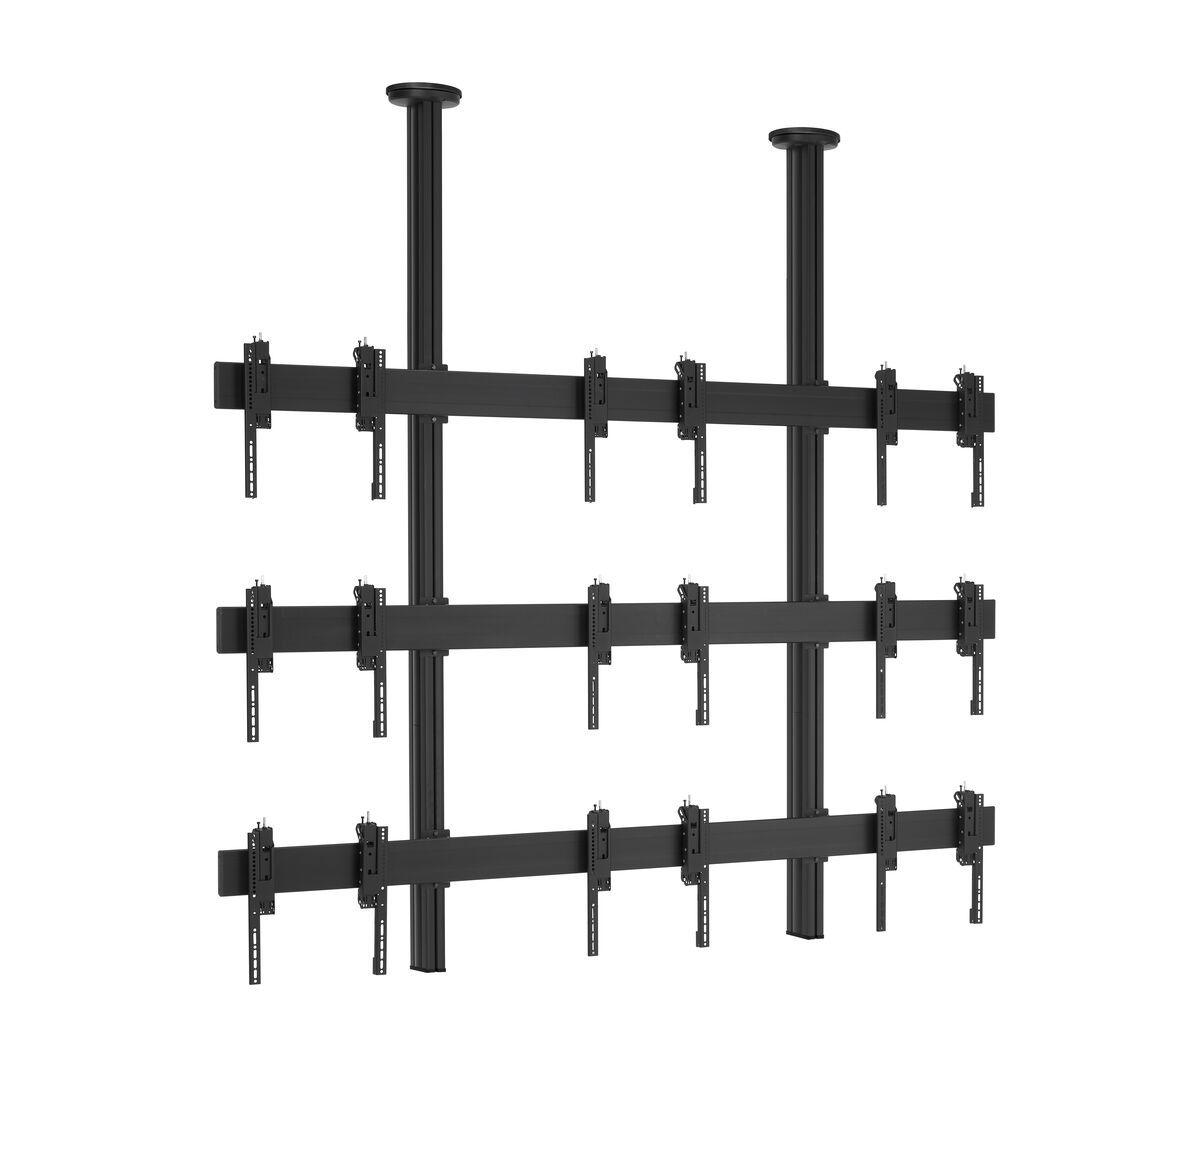 Vogel's CVW3355 Потолочное решение для видеостен 3x3 - Product